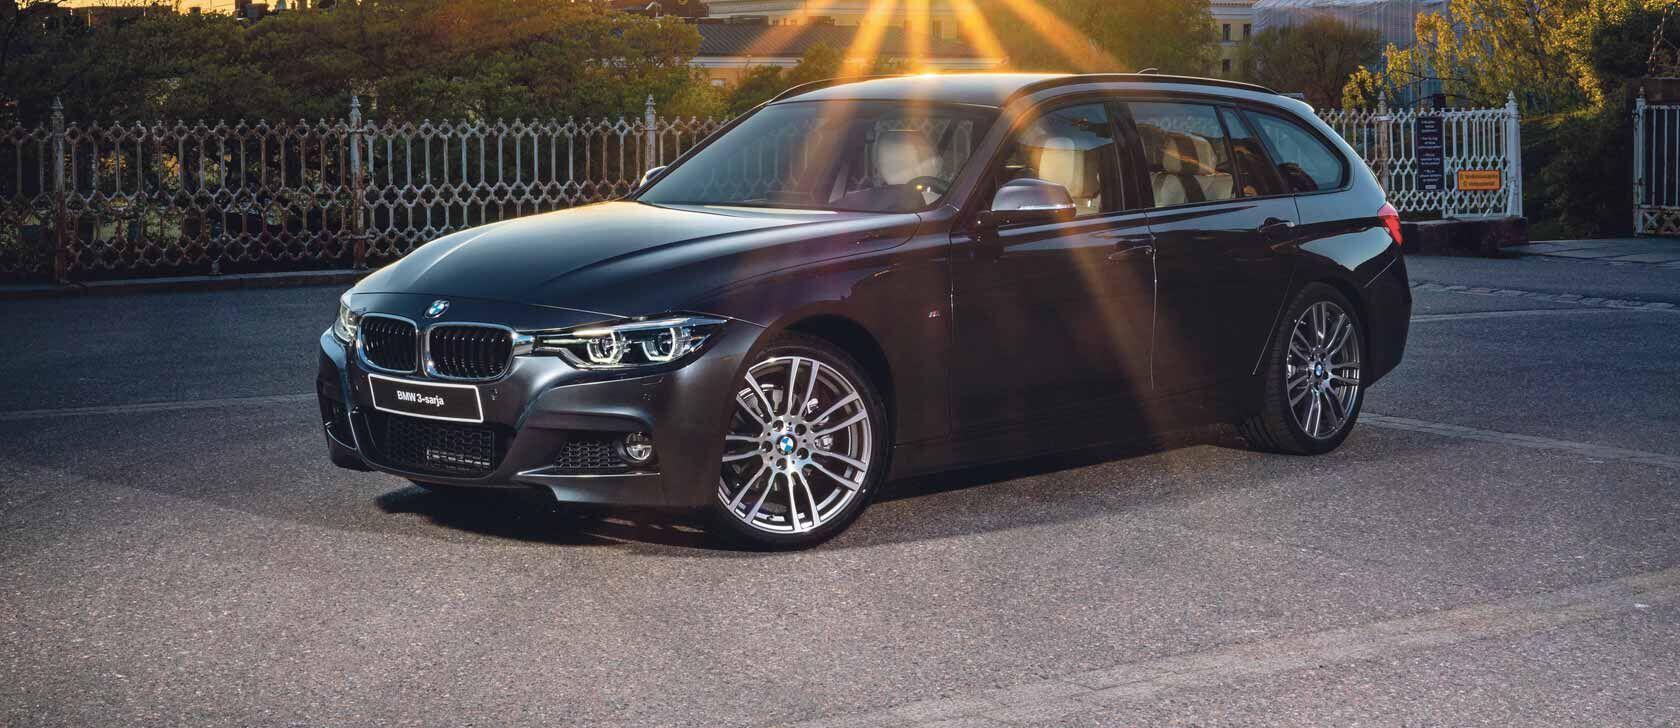 ERÄ BMW 3- JA 5-SARJAN AUTOJA VALMIINA AJOON.